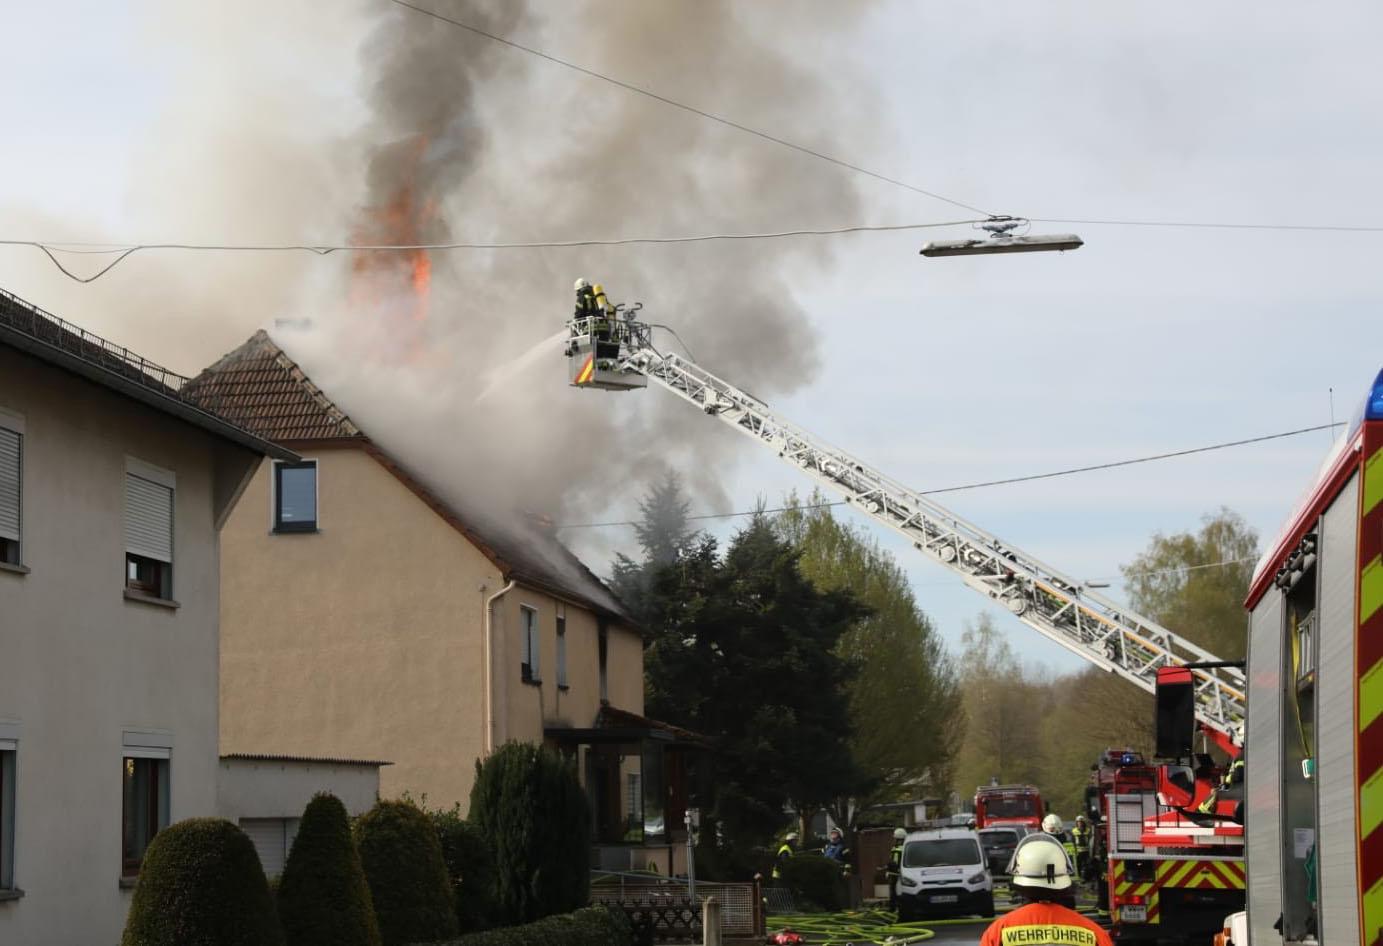 Großbrand in Kleinholbach - Bewohnerin in letzter Sekunde gerettet